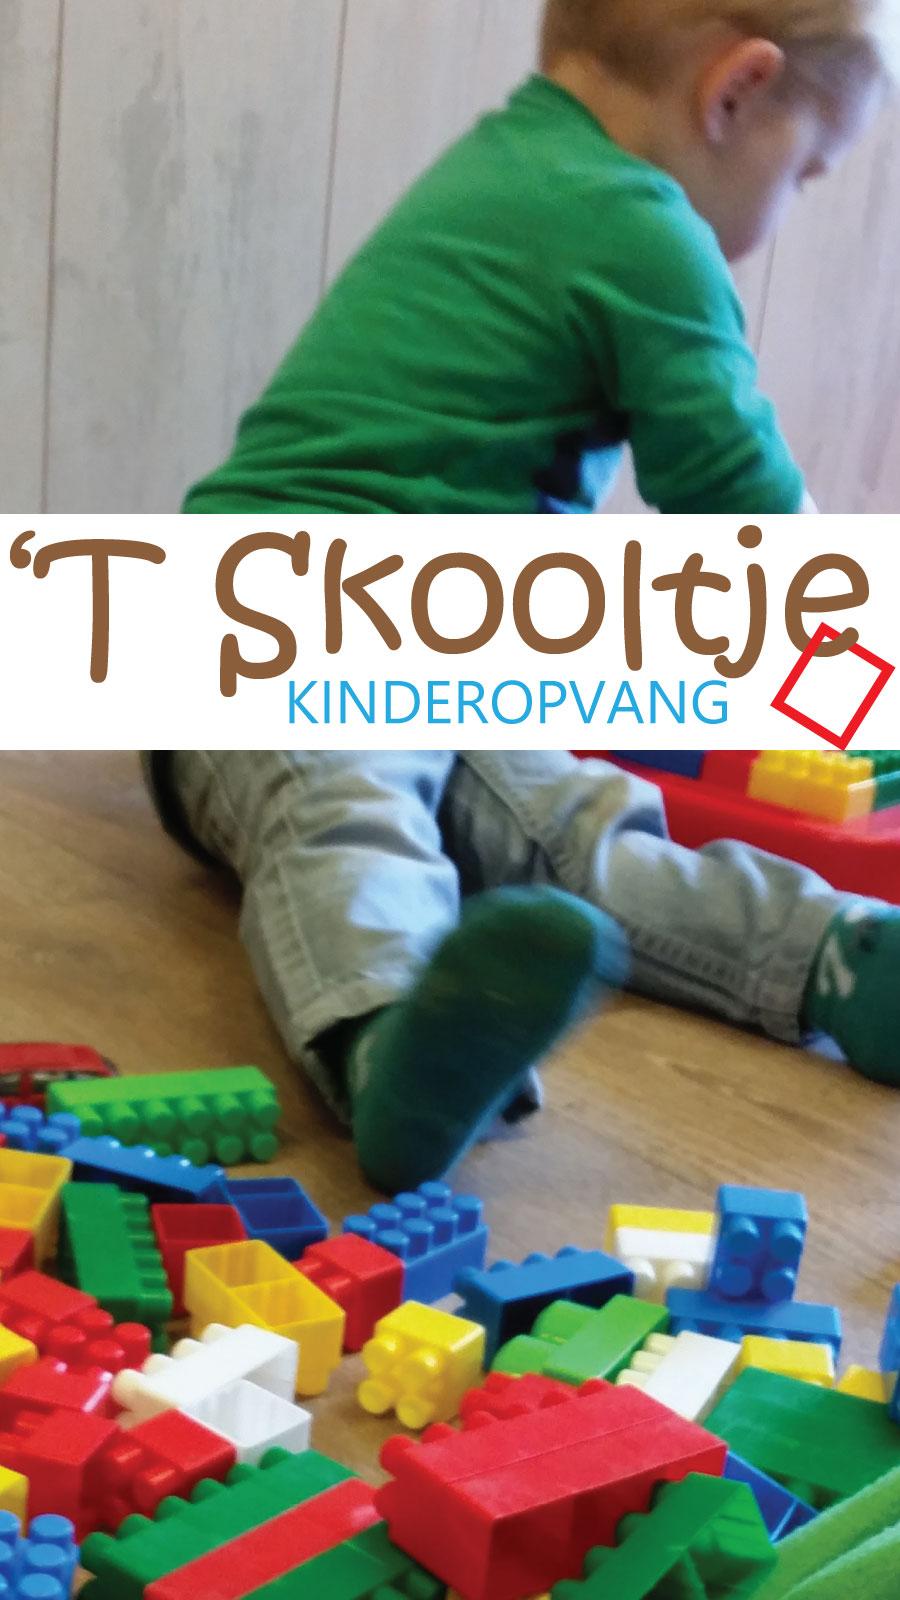 http://t-skooltje.nl/wp-content/uploads/2015/01/71.jpg